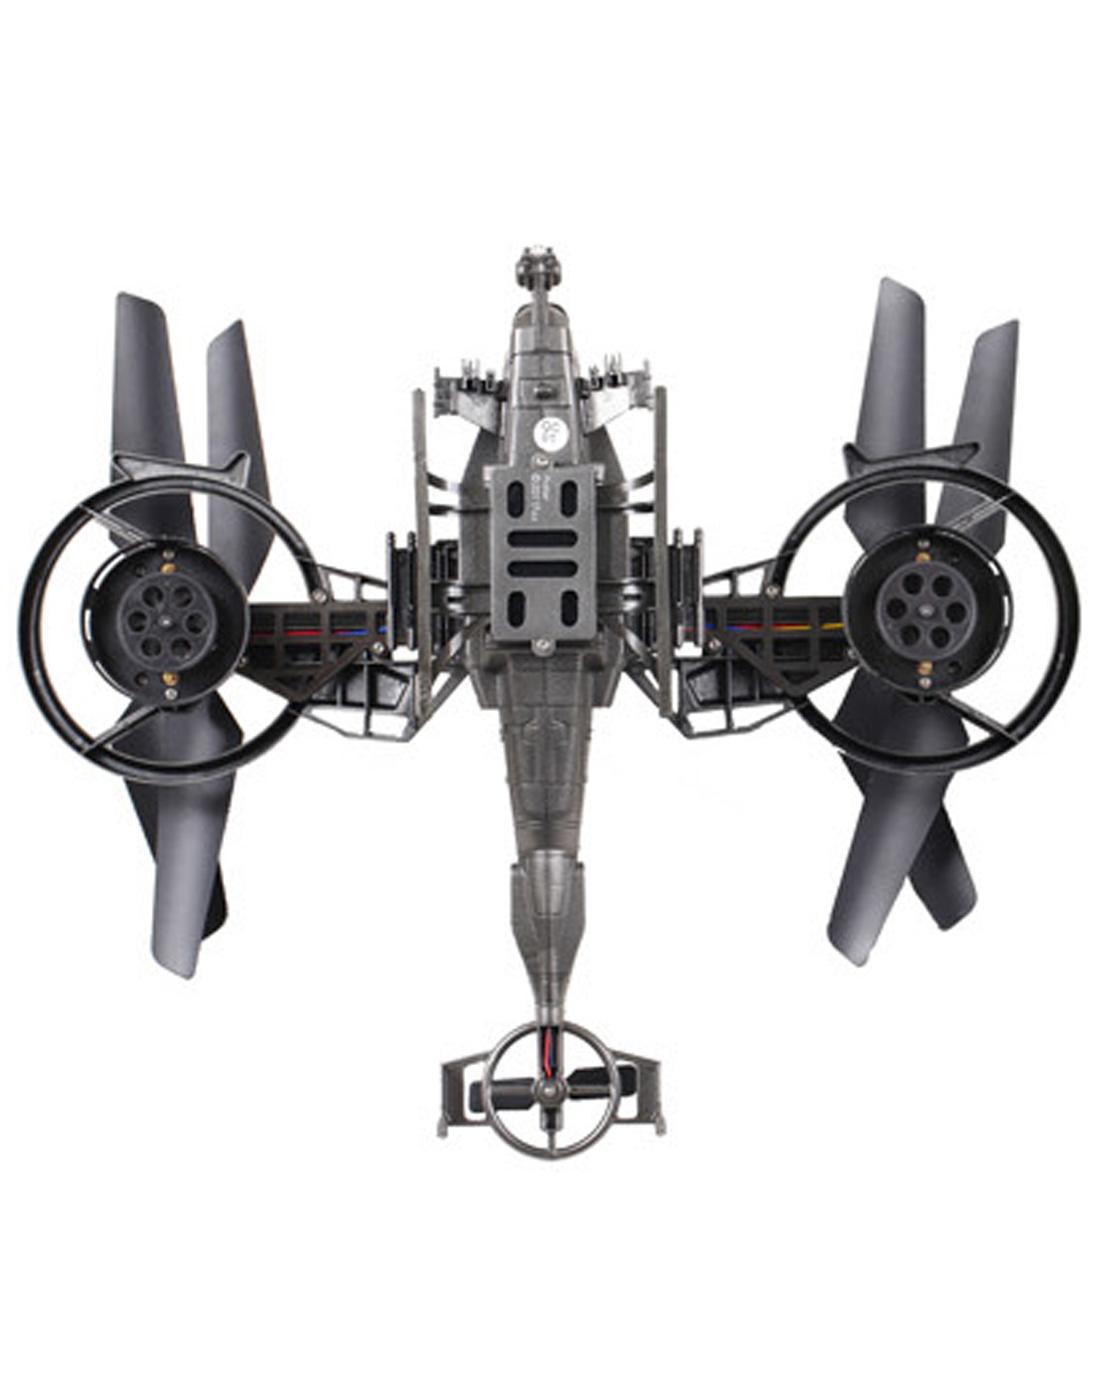 儿童遥控早教玩具雅得阿凡达yd-711遥控直升机